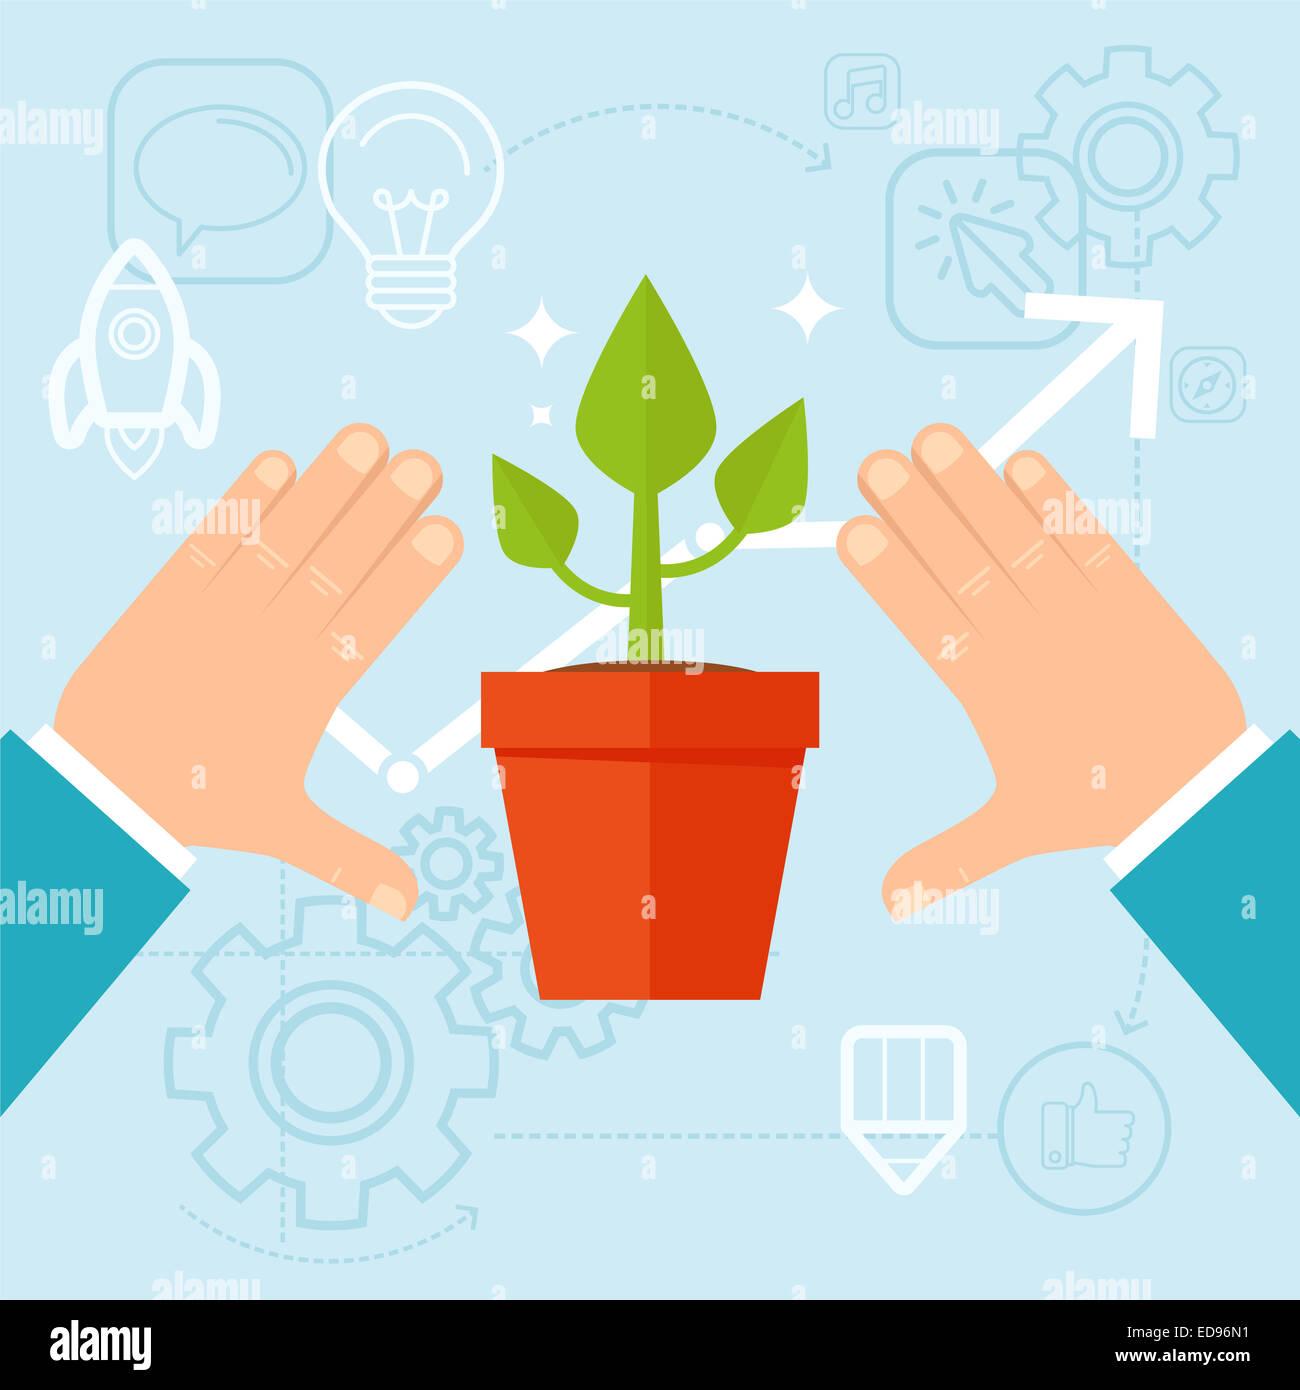 Persönliche Entwicklungskonzept im flachen Stil - Grünpflanze und menschliche Hände Stockbild